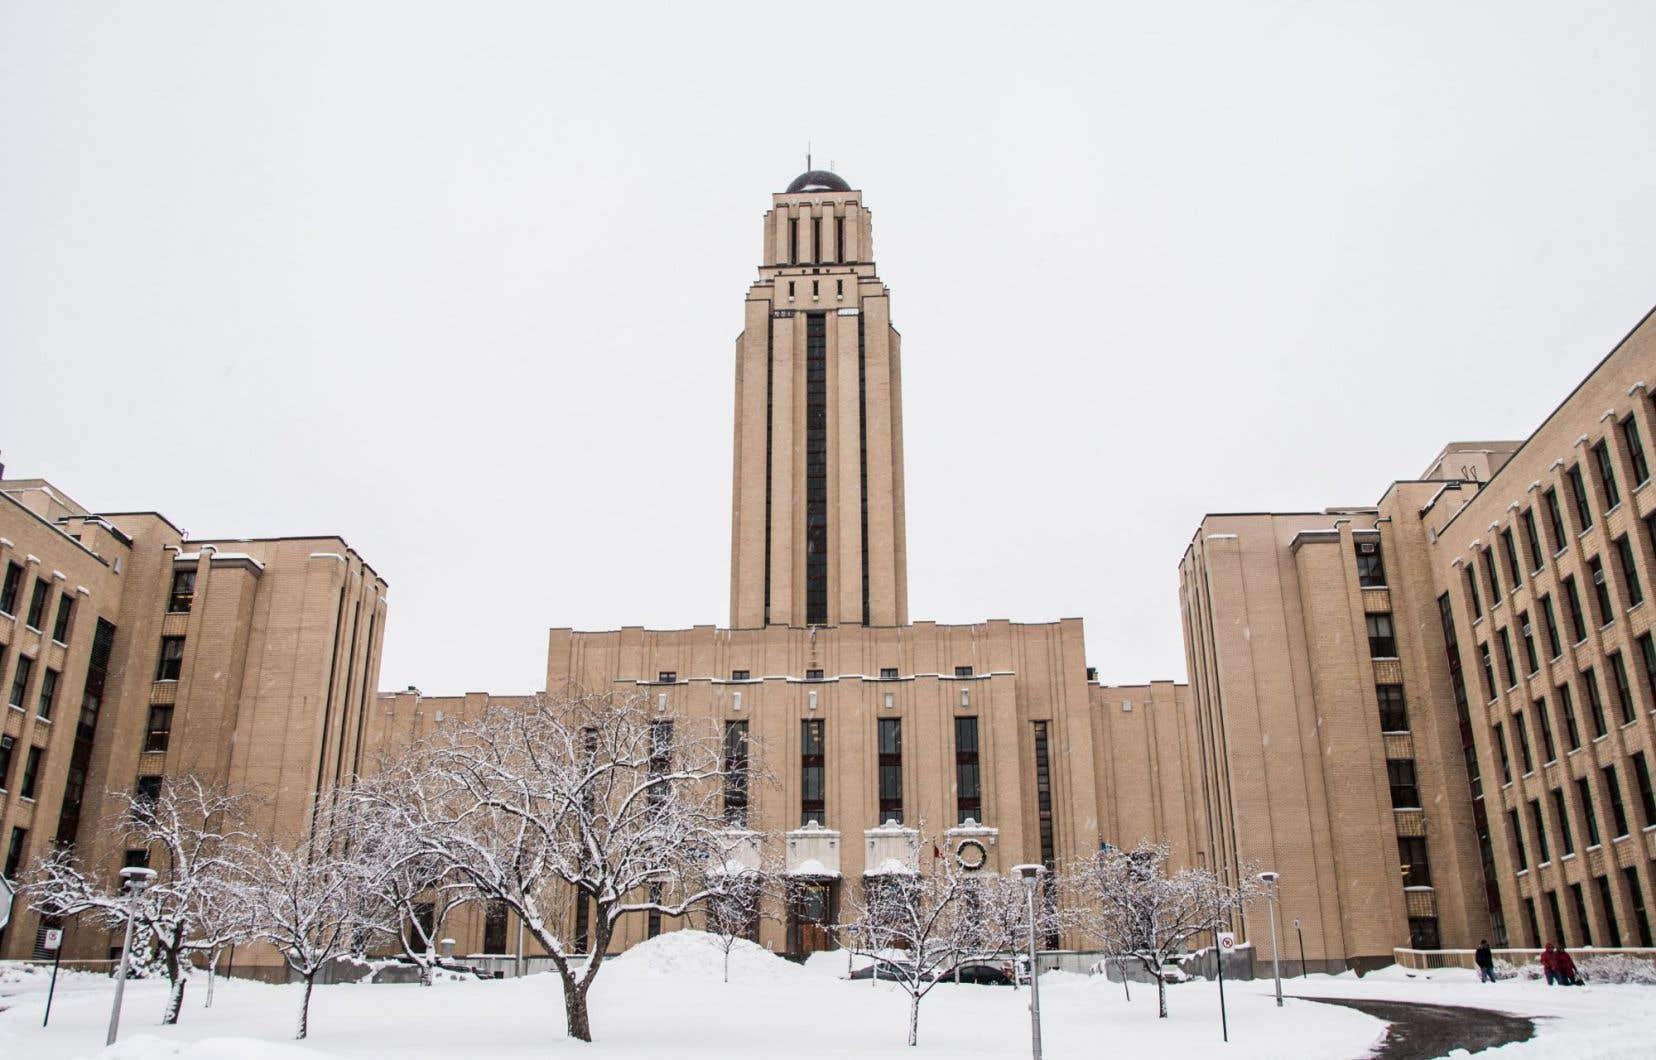 En 1943, l'Université de Montréal accueille un laboratoire secret de physique nucléaire dans l'aile ouest du pavillon principal.